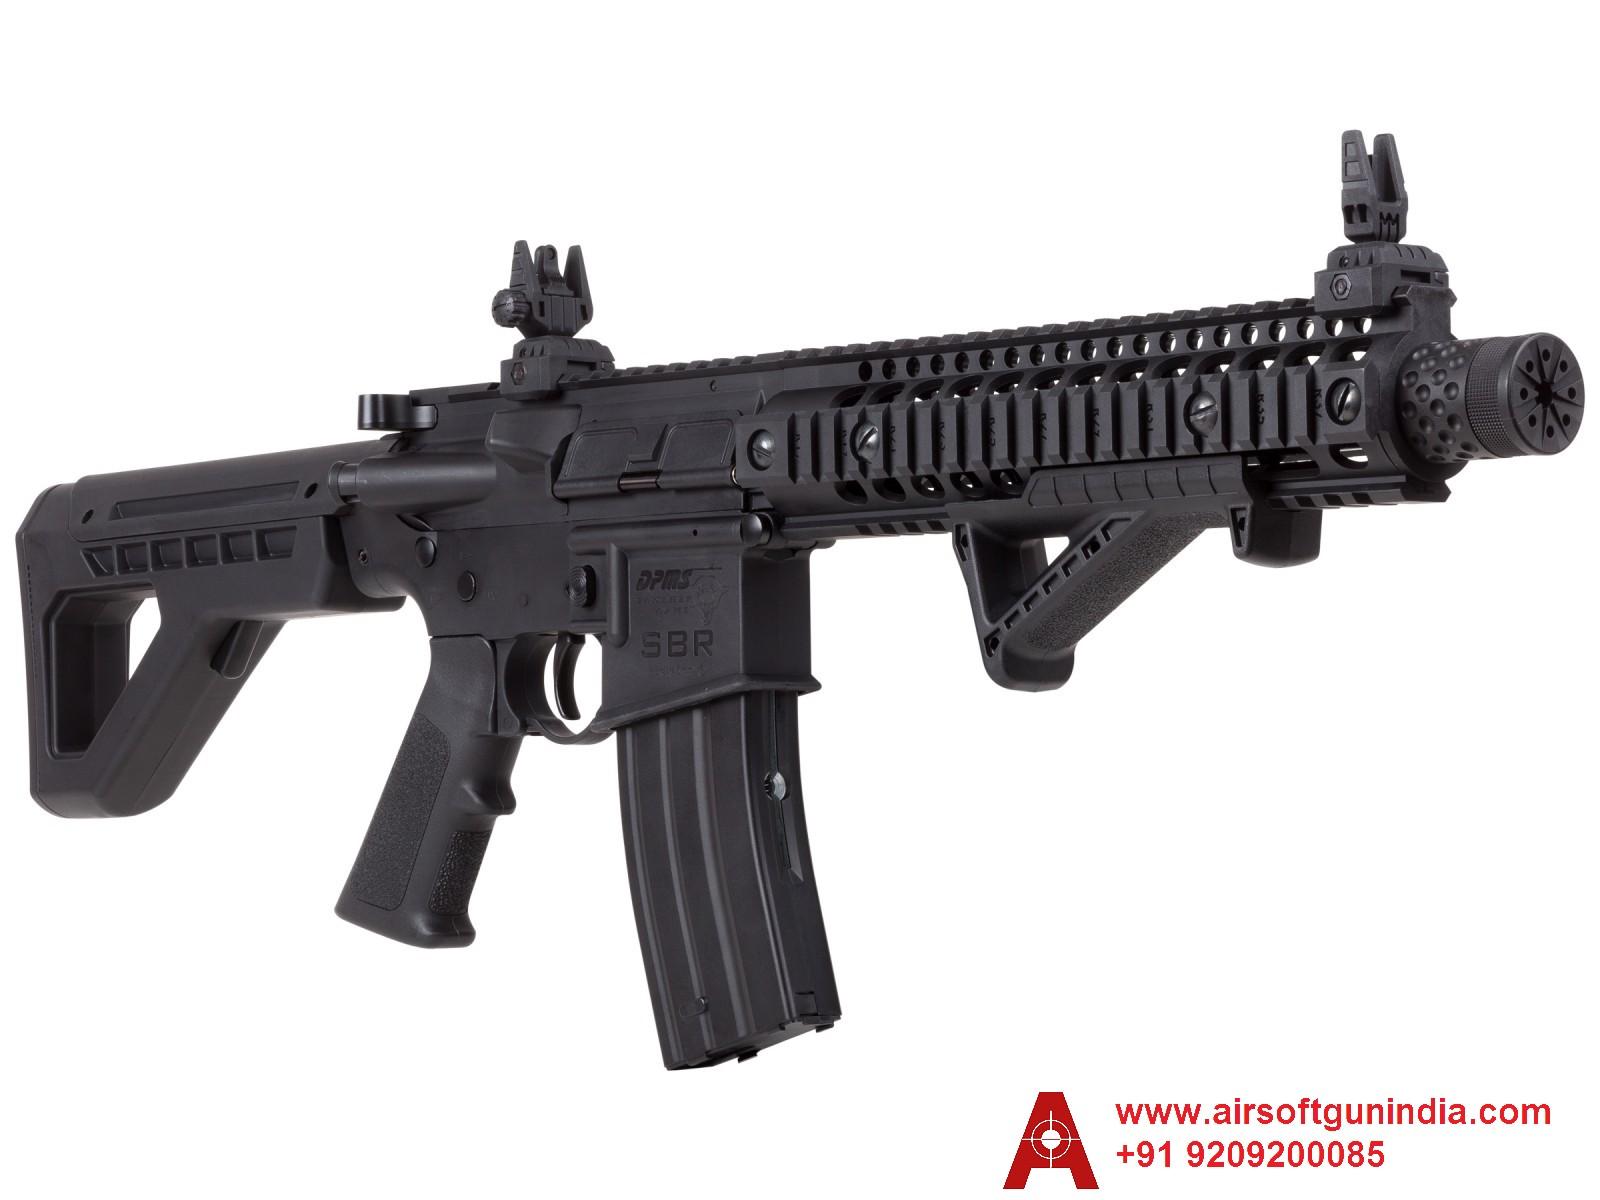 Crosman DPMS M4 SBR Semi-Auto CO2 Air Rifle  By Airsoft Gun India